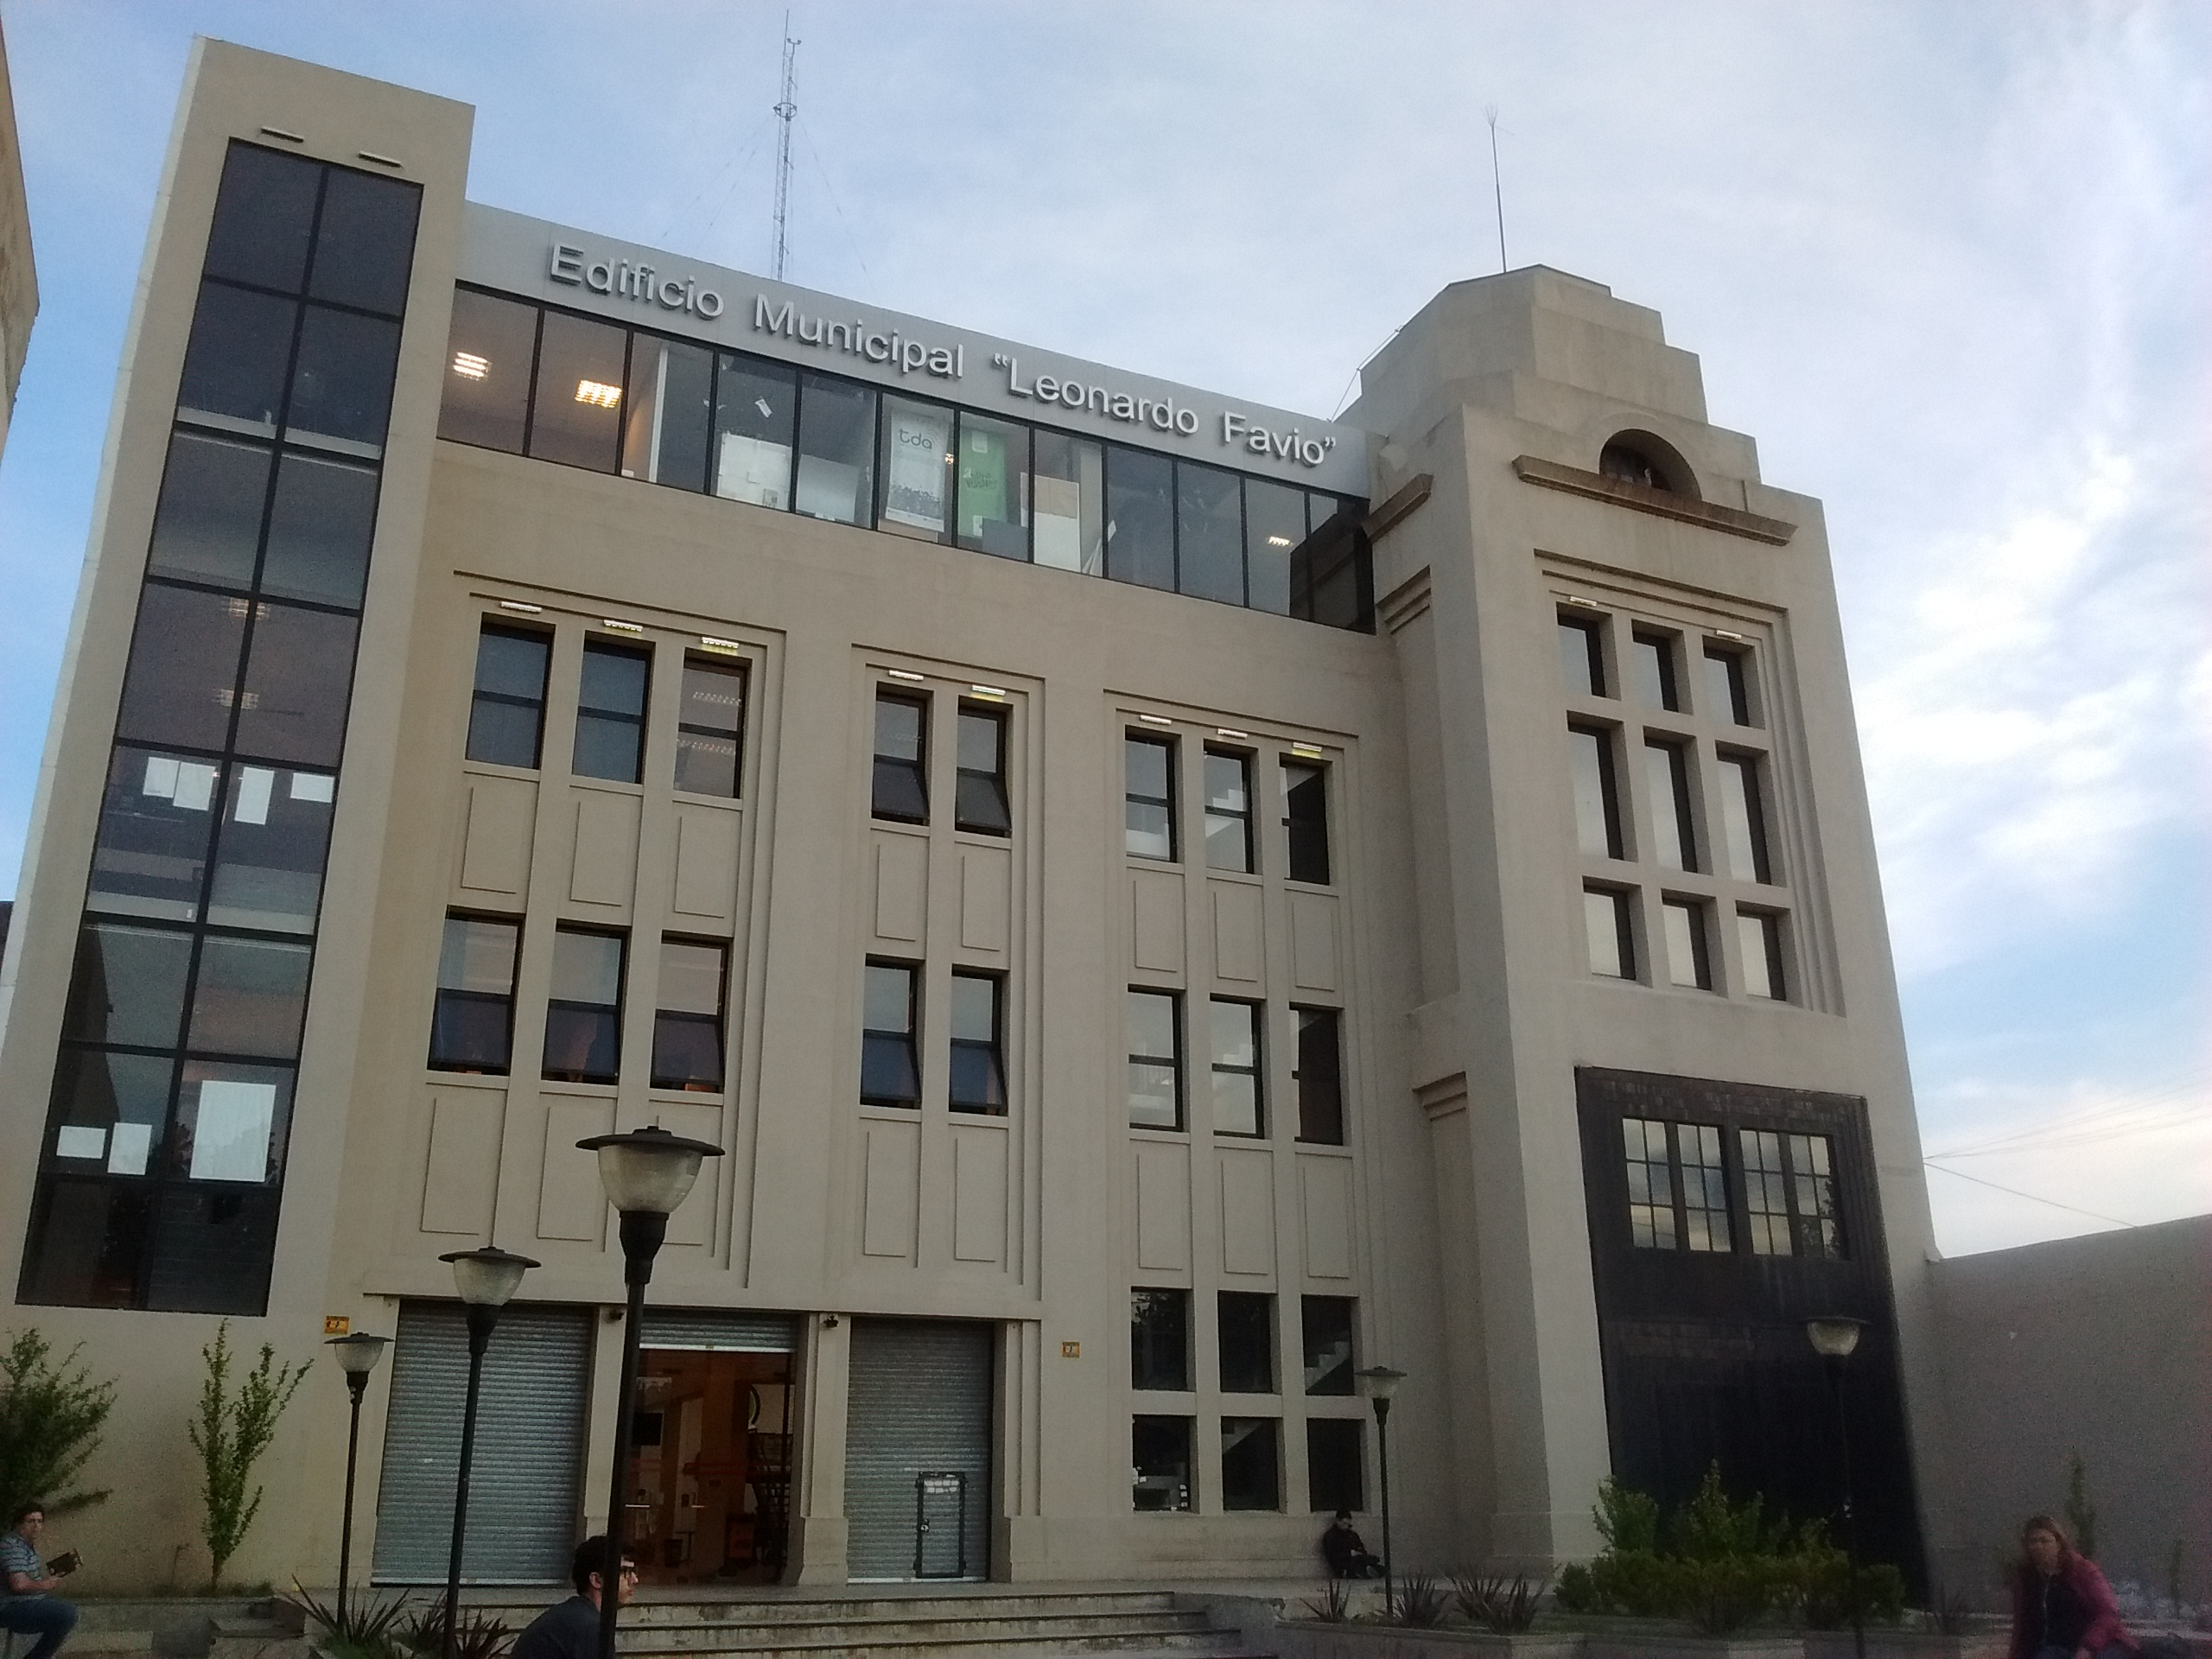 fachada - Instituto Municipal de Cine